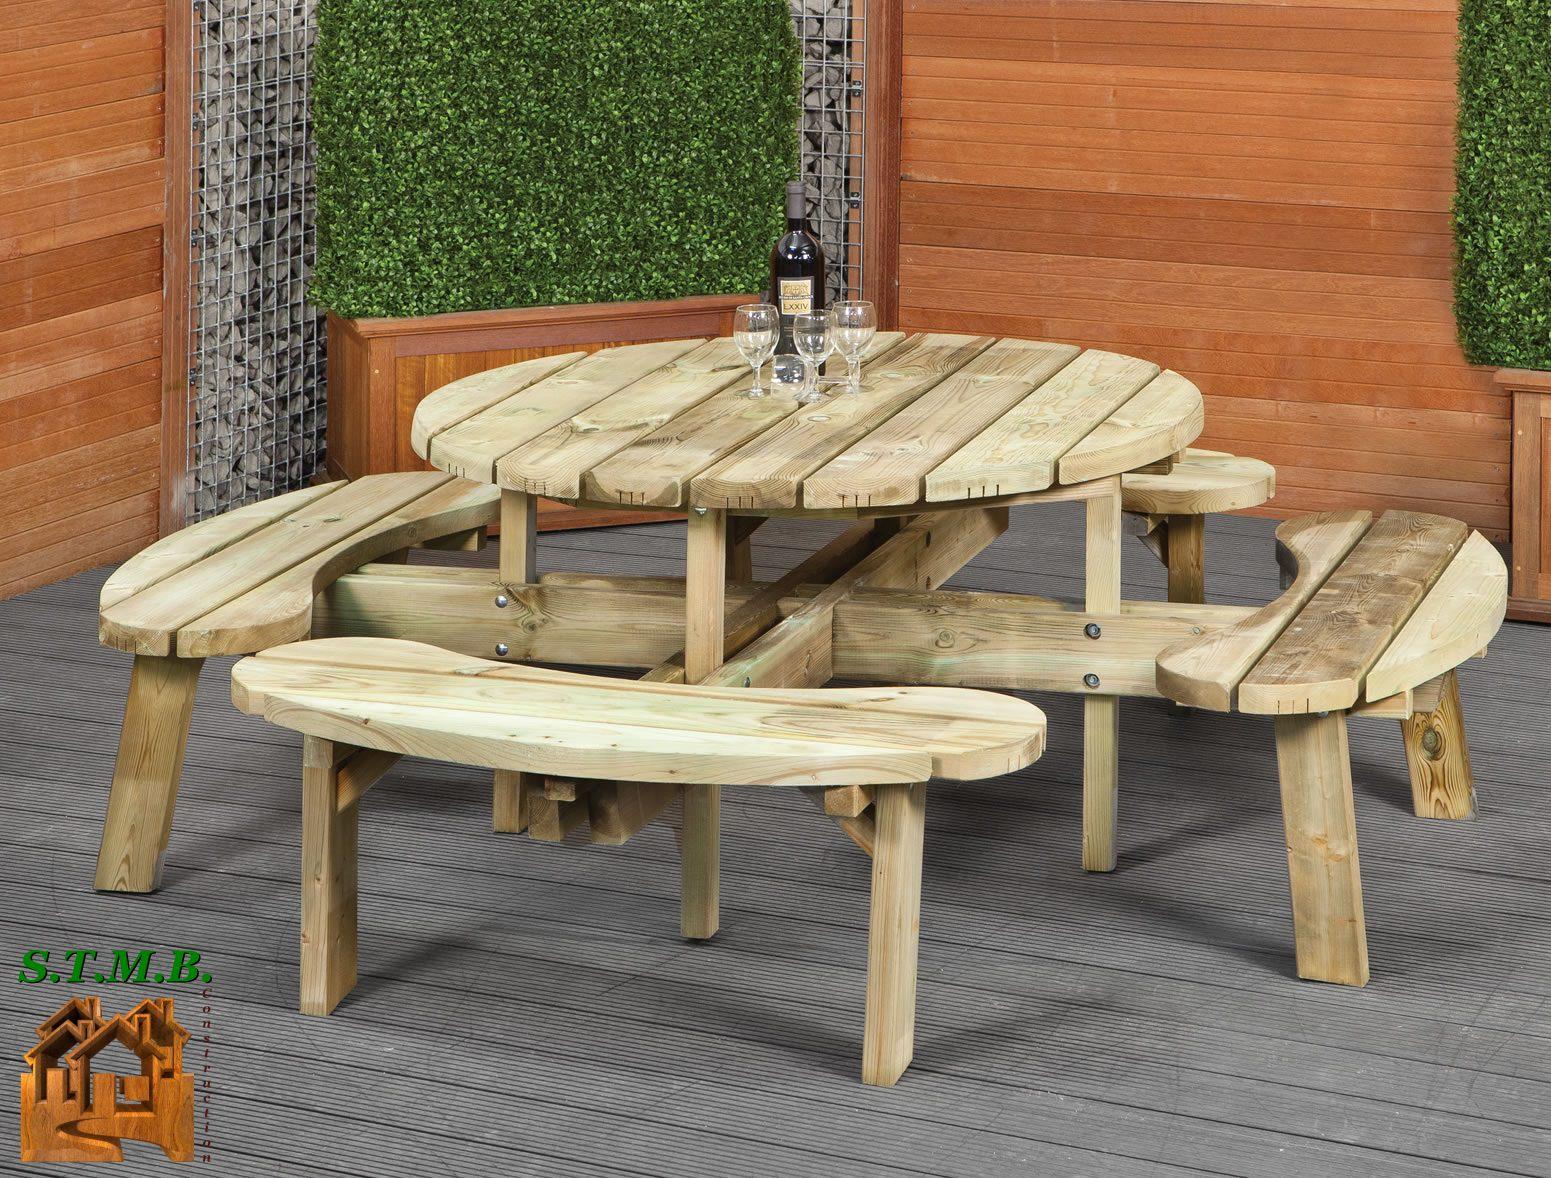 Salon de jardin en bois ce qu il faut retenir for Salon construction bois